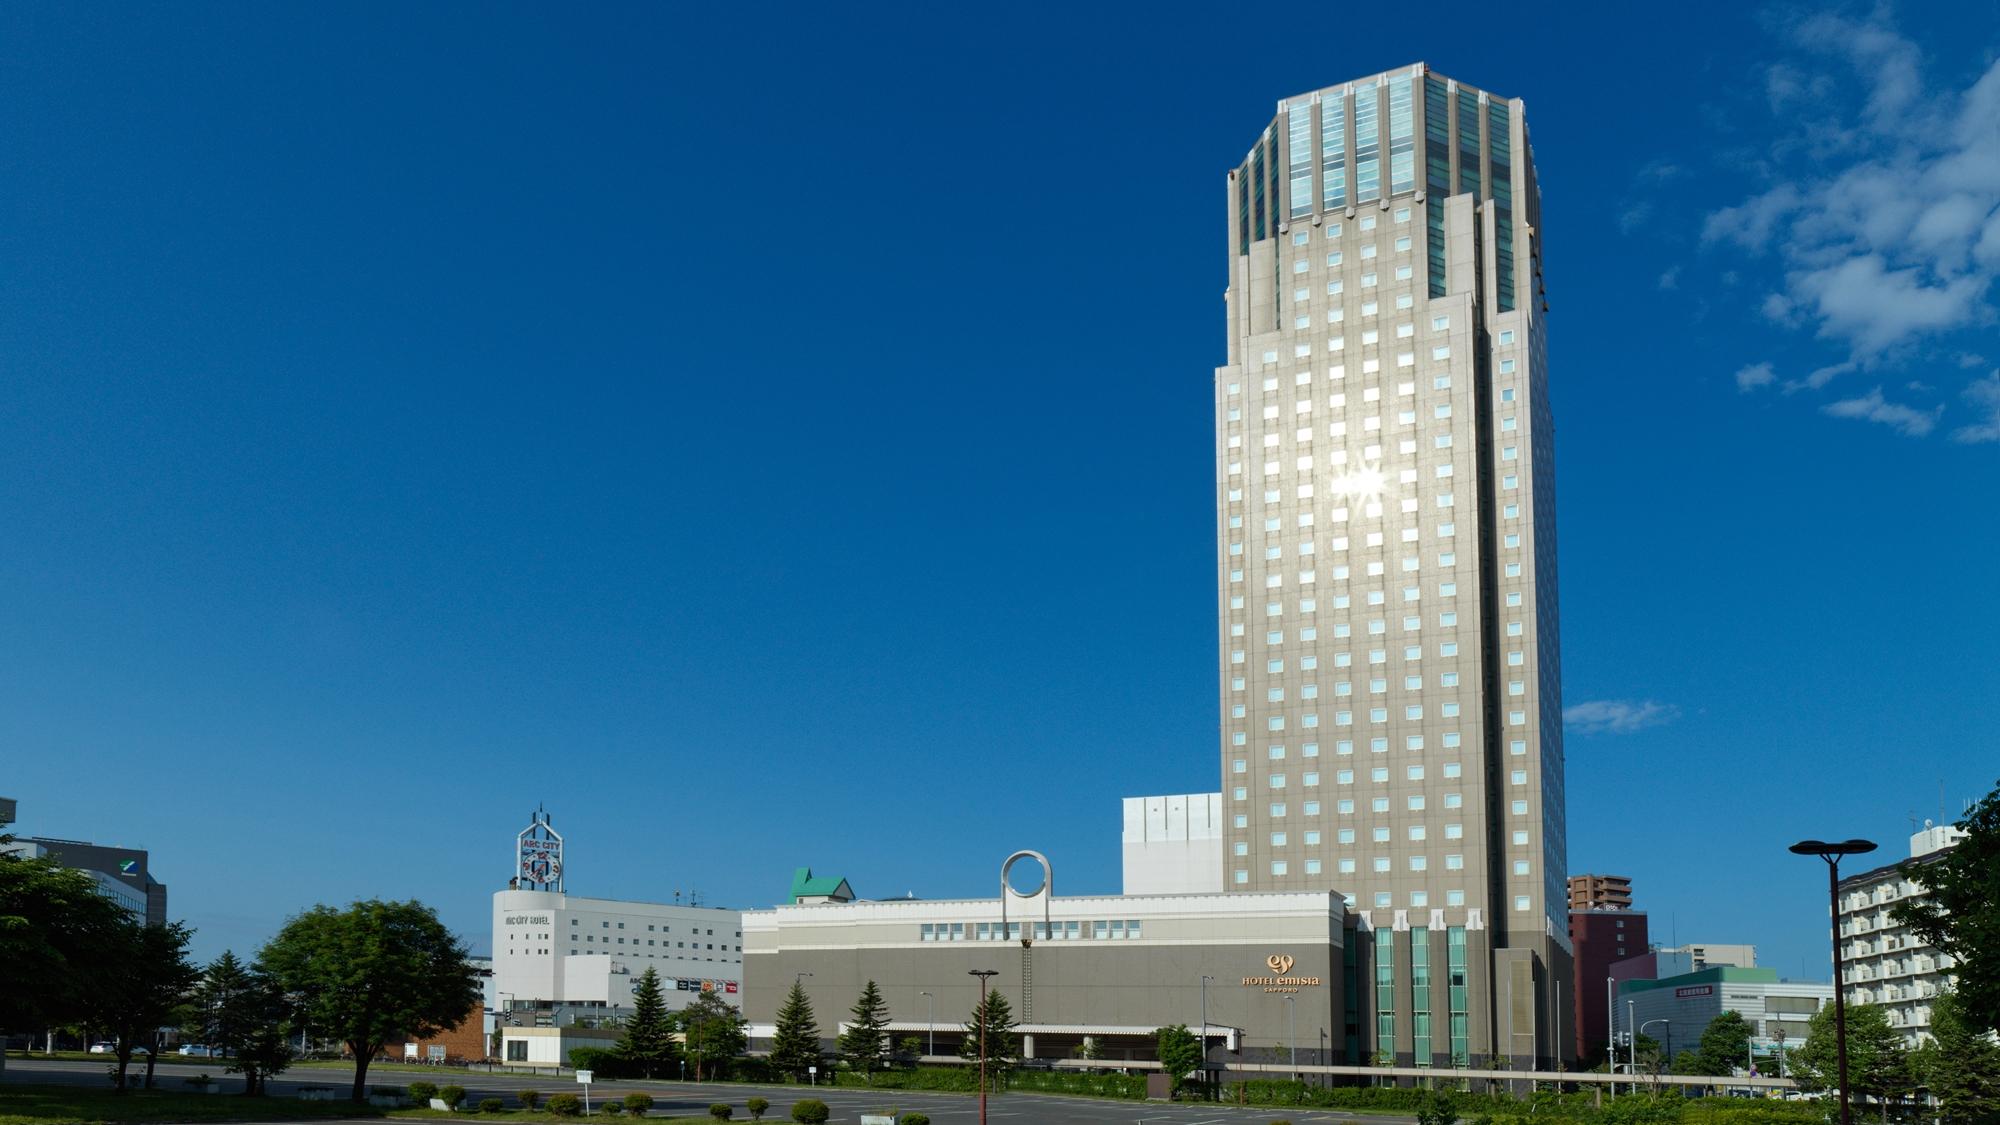 ホテルエミシア札幌 image